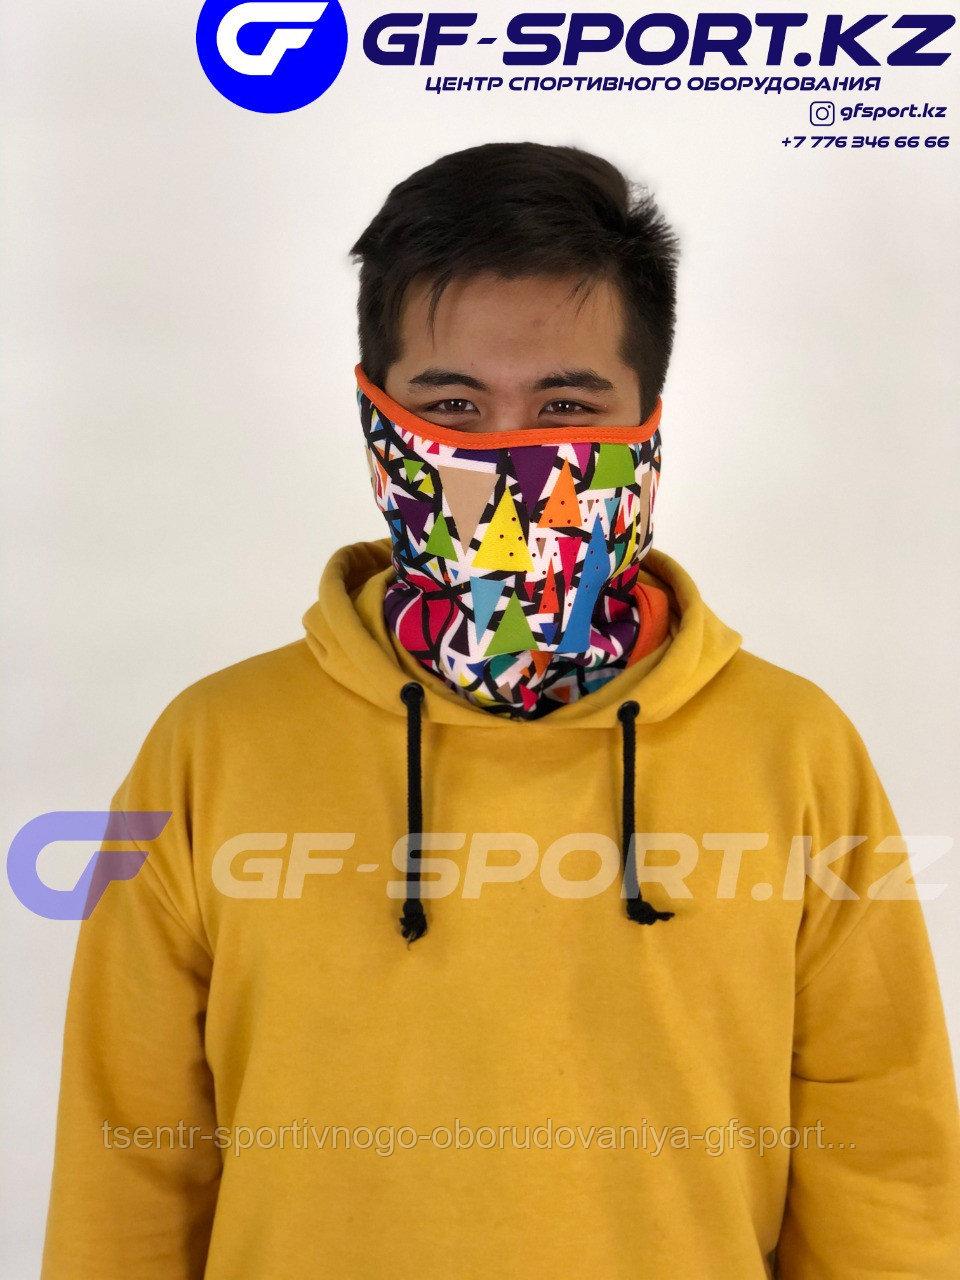 Лыжные маски (Балаклава)! Доставка Алматы! Доставка по всем городам РК!